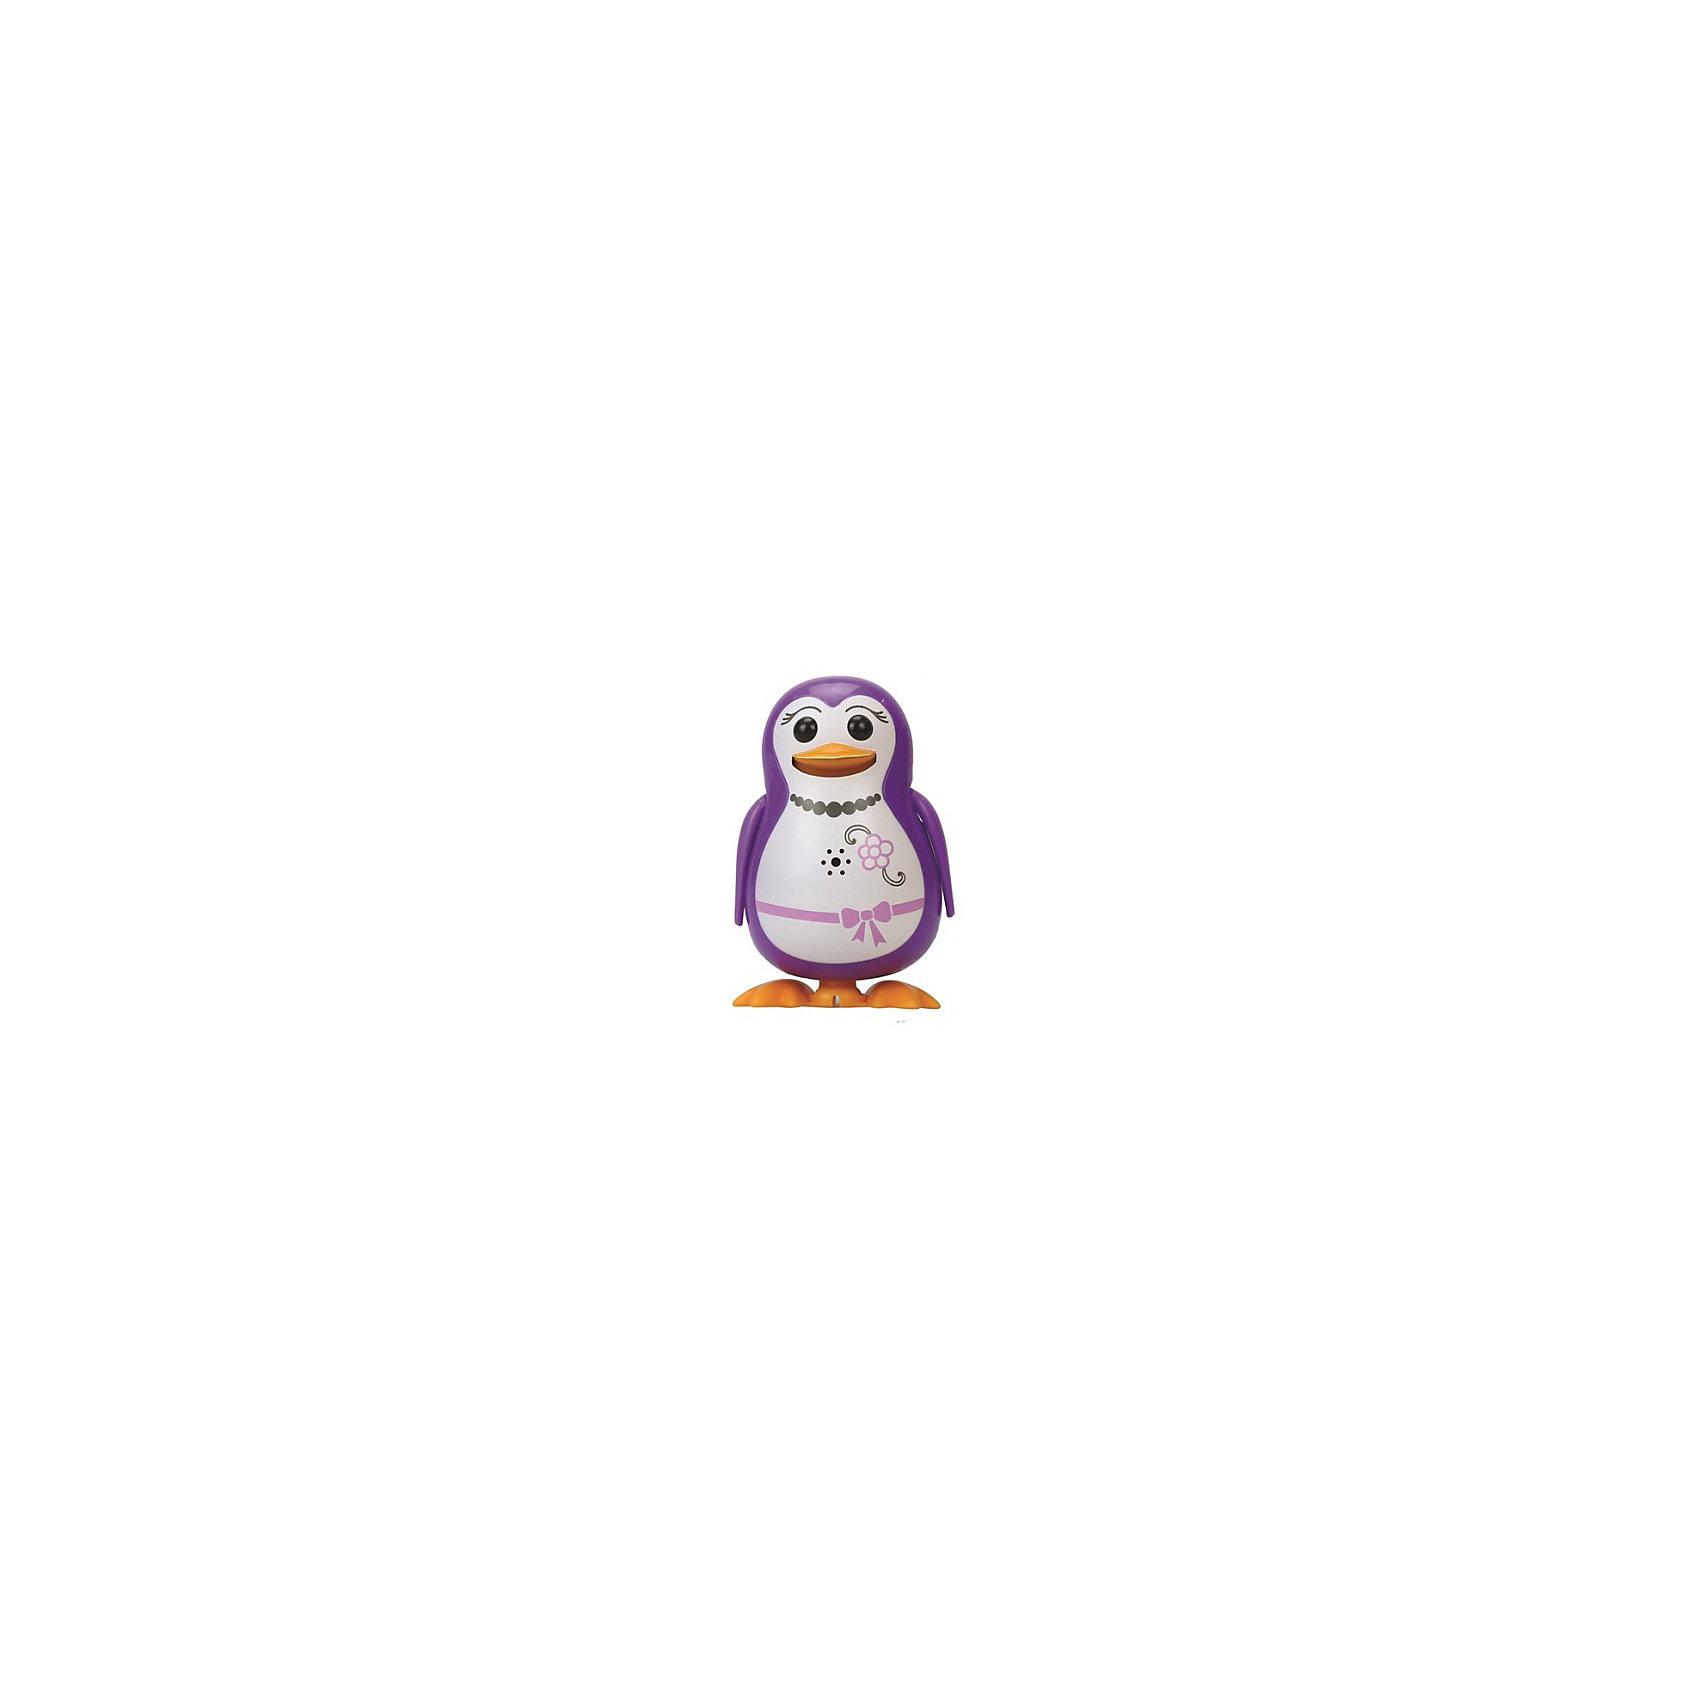 Silverlit Поющий пингвин с кольцом, фиолетовый, DigiBirds мягкая игрушка пингвин tux купить